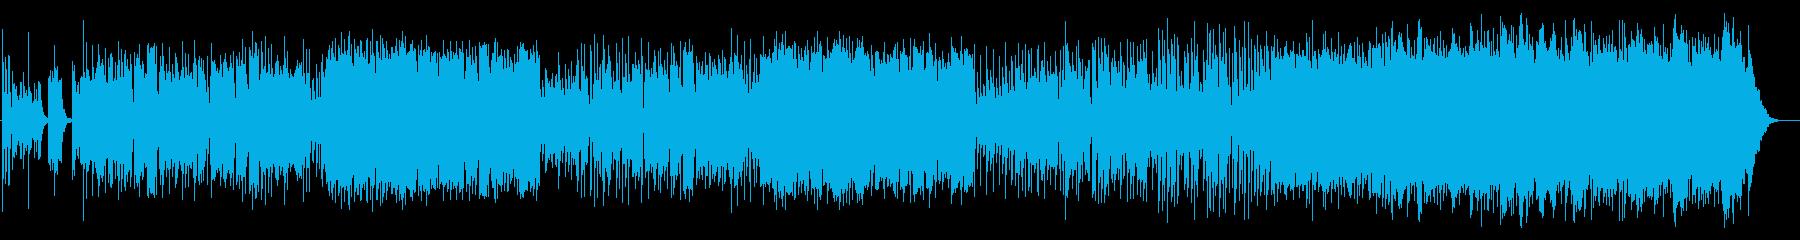 東京をイメージしたpopなジャズの再生済みの波形